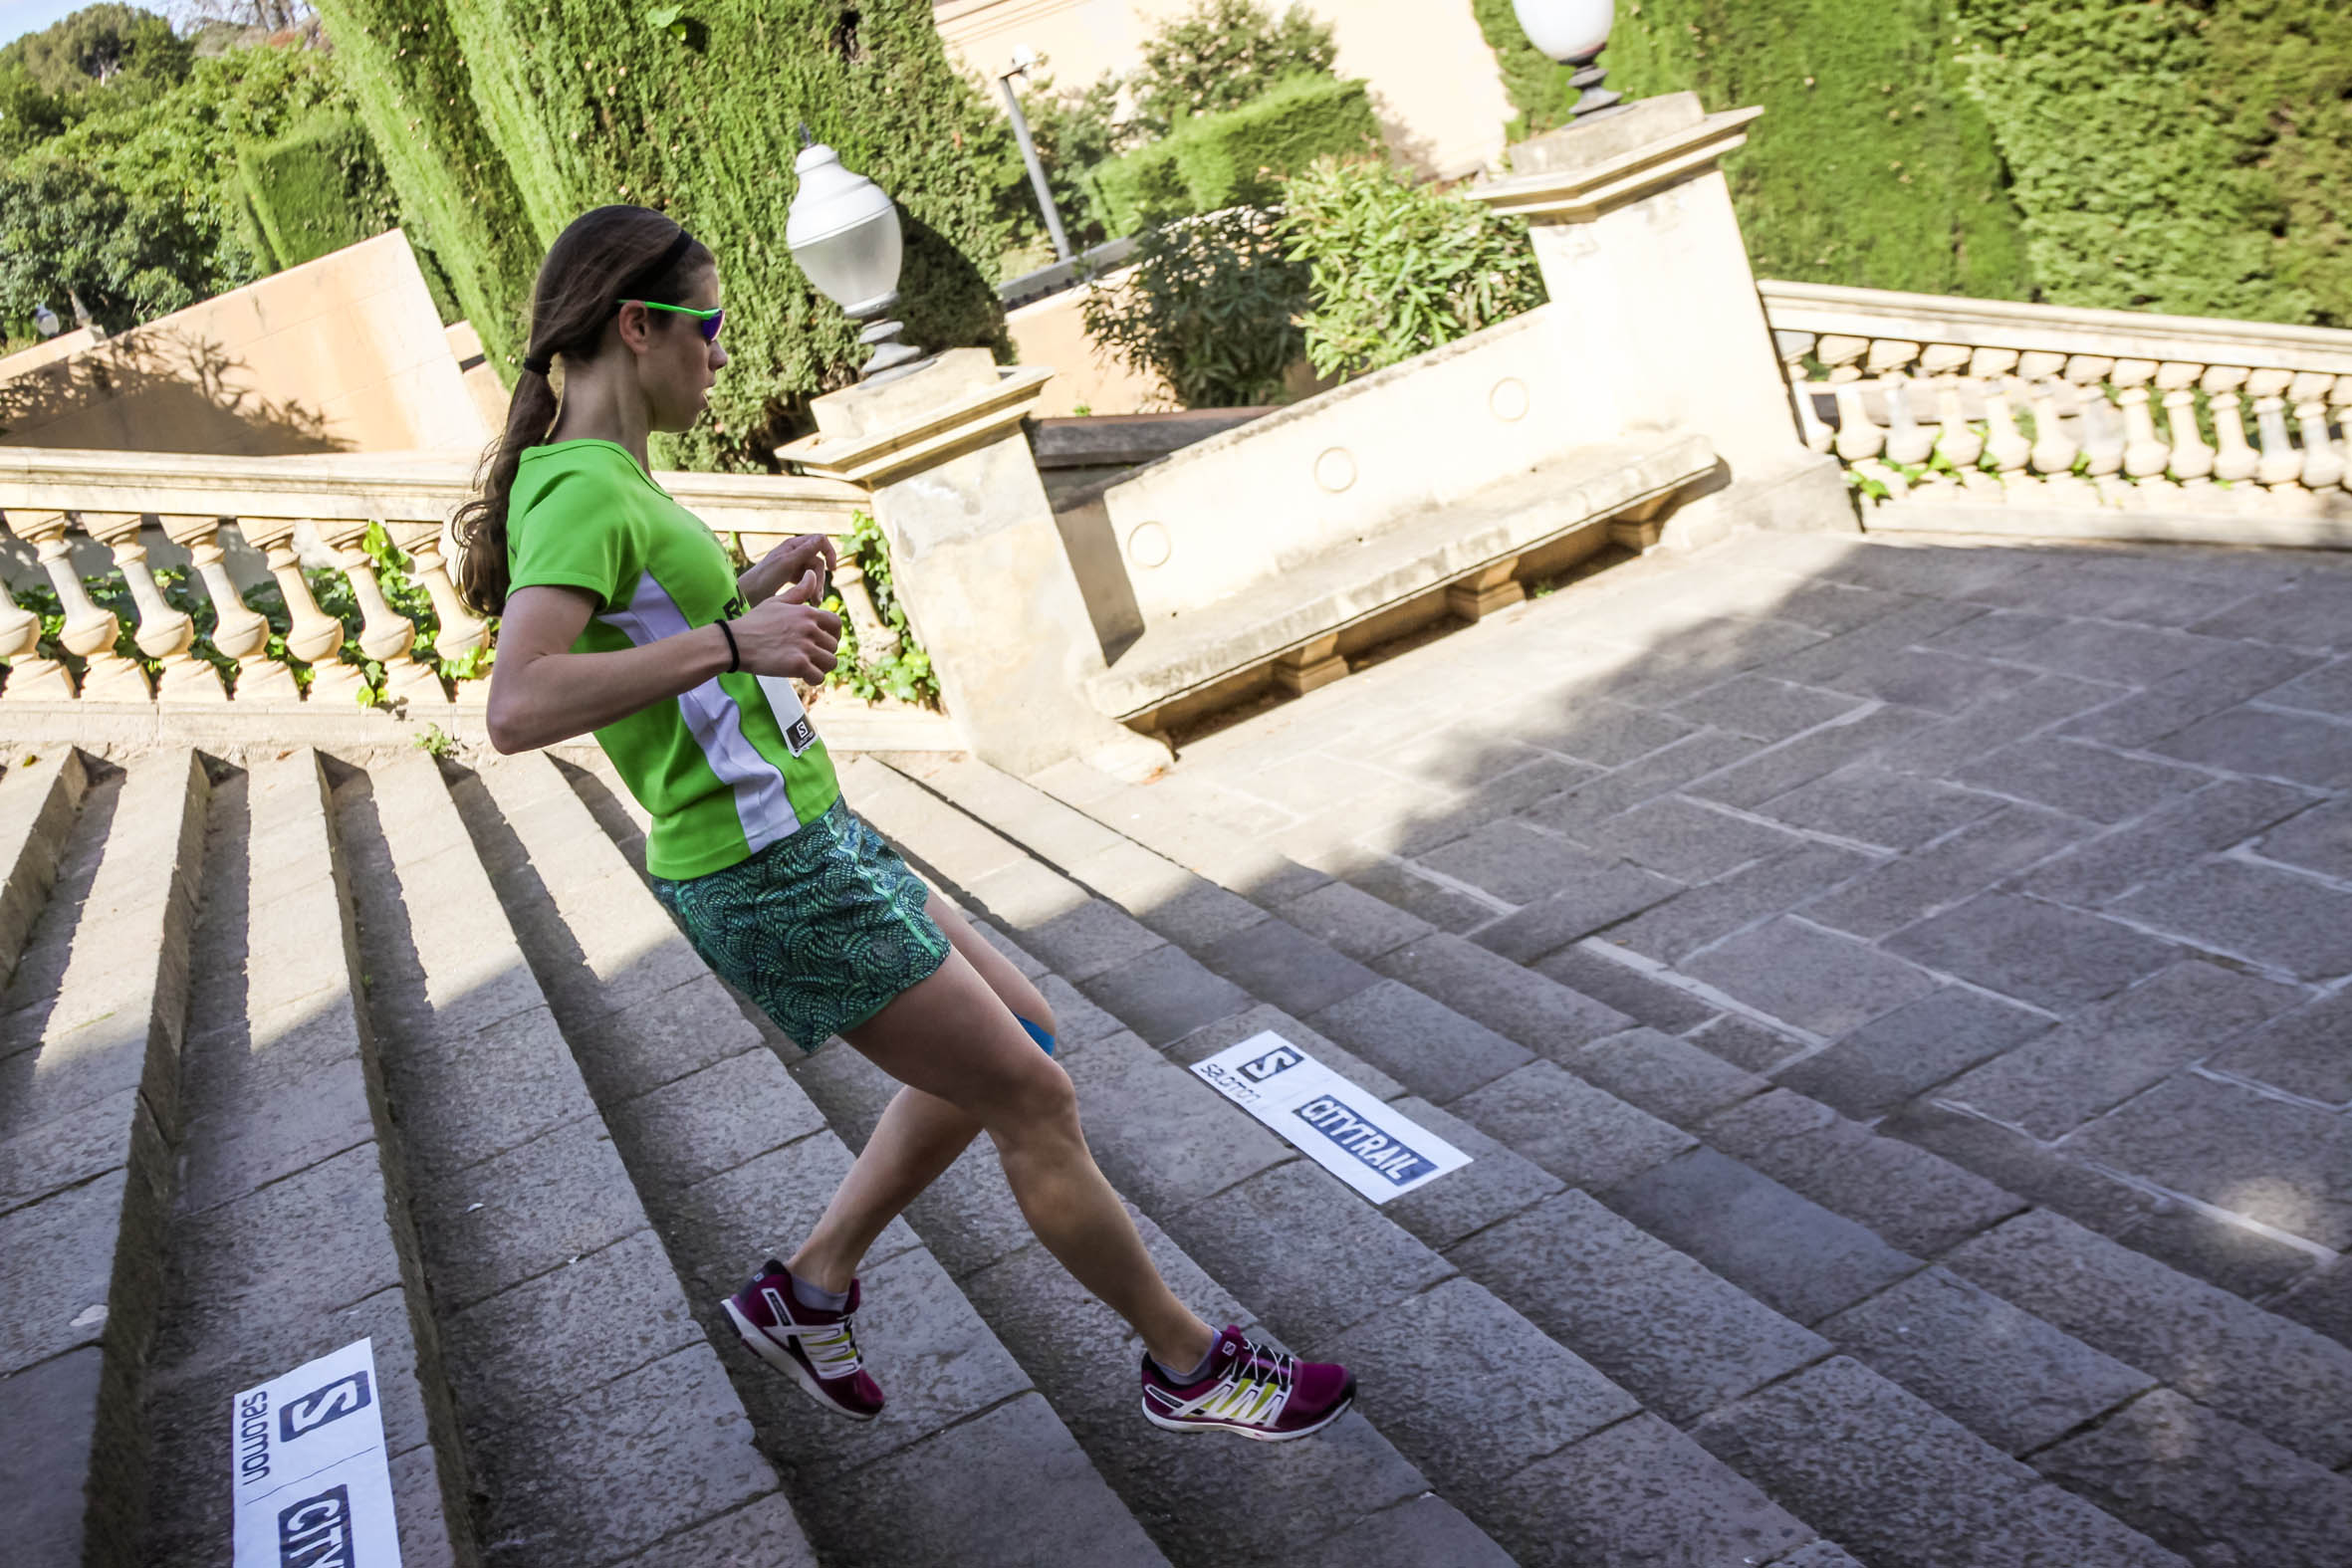 Més de 1600 corredors viuran l'aventura de la Salomon Run Barcelona